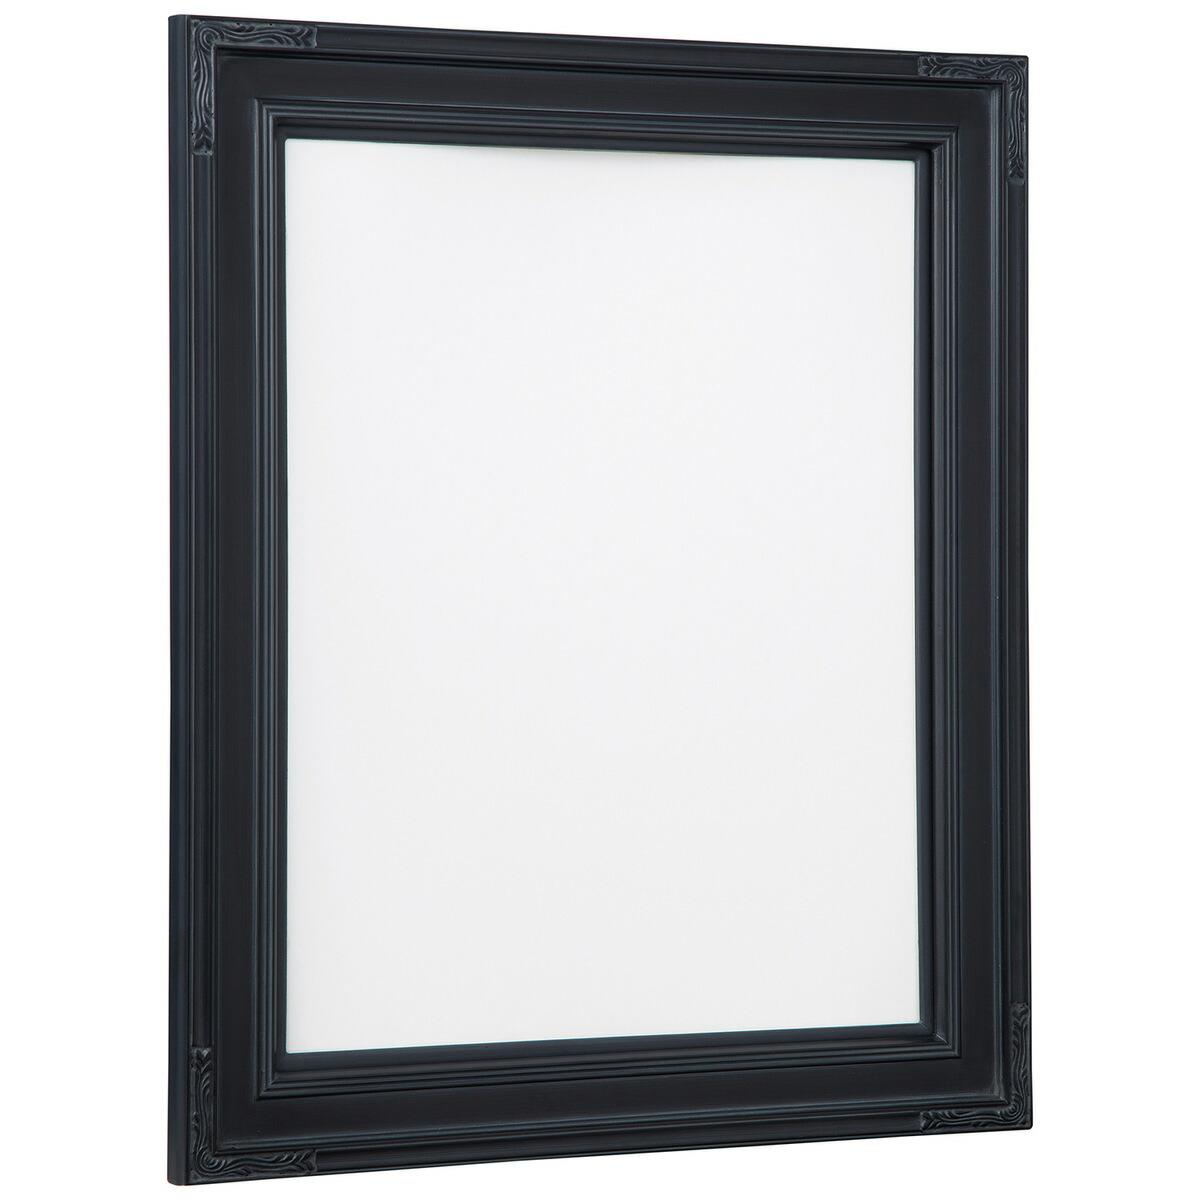 ラーソン・ジュール 油絵用額縁 バネッサ F4 ブラック